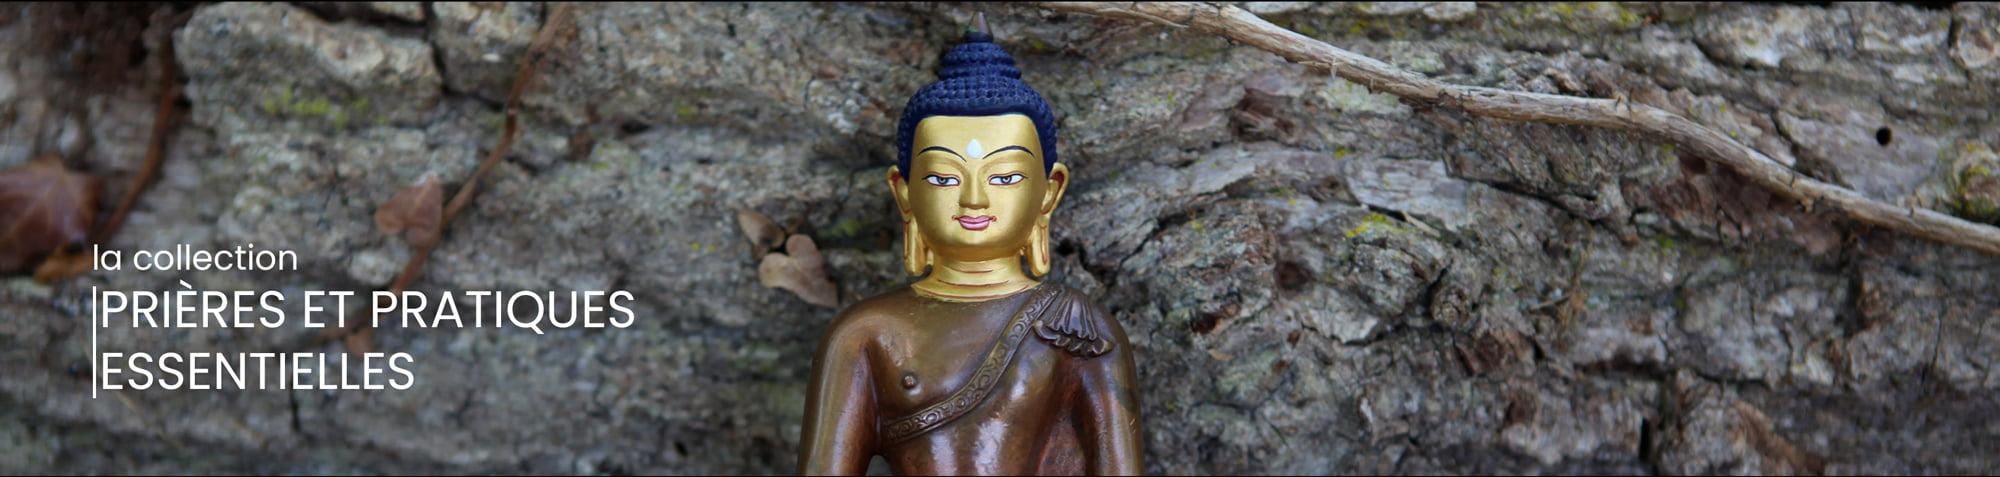 editions mahayana prieres et pratiques essentielles